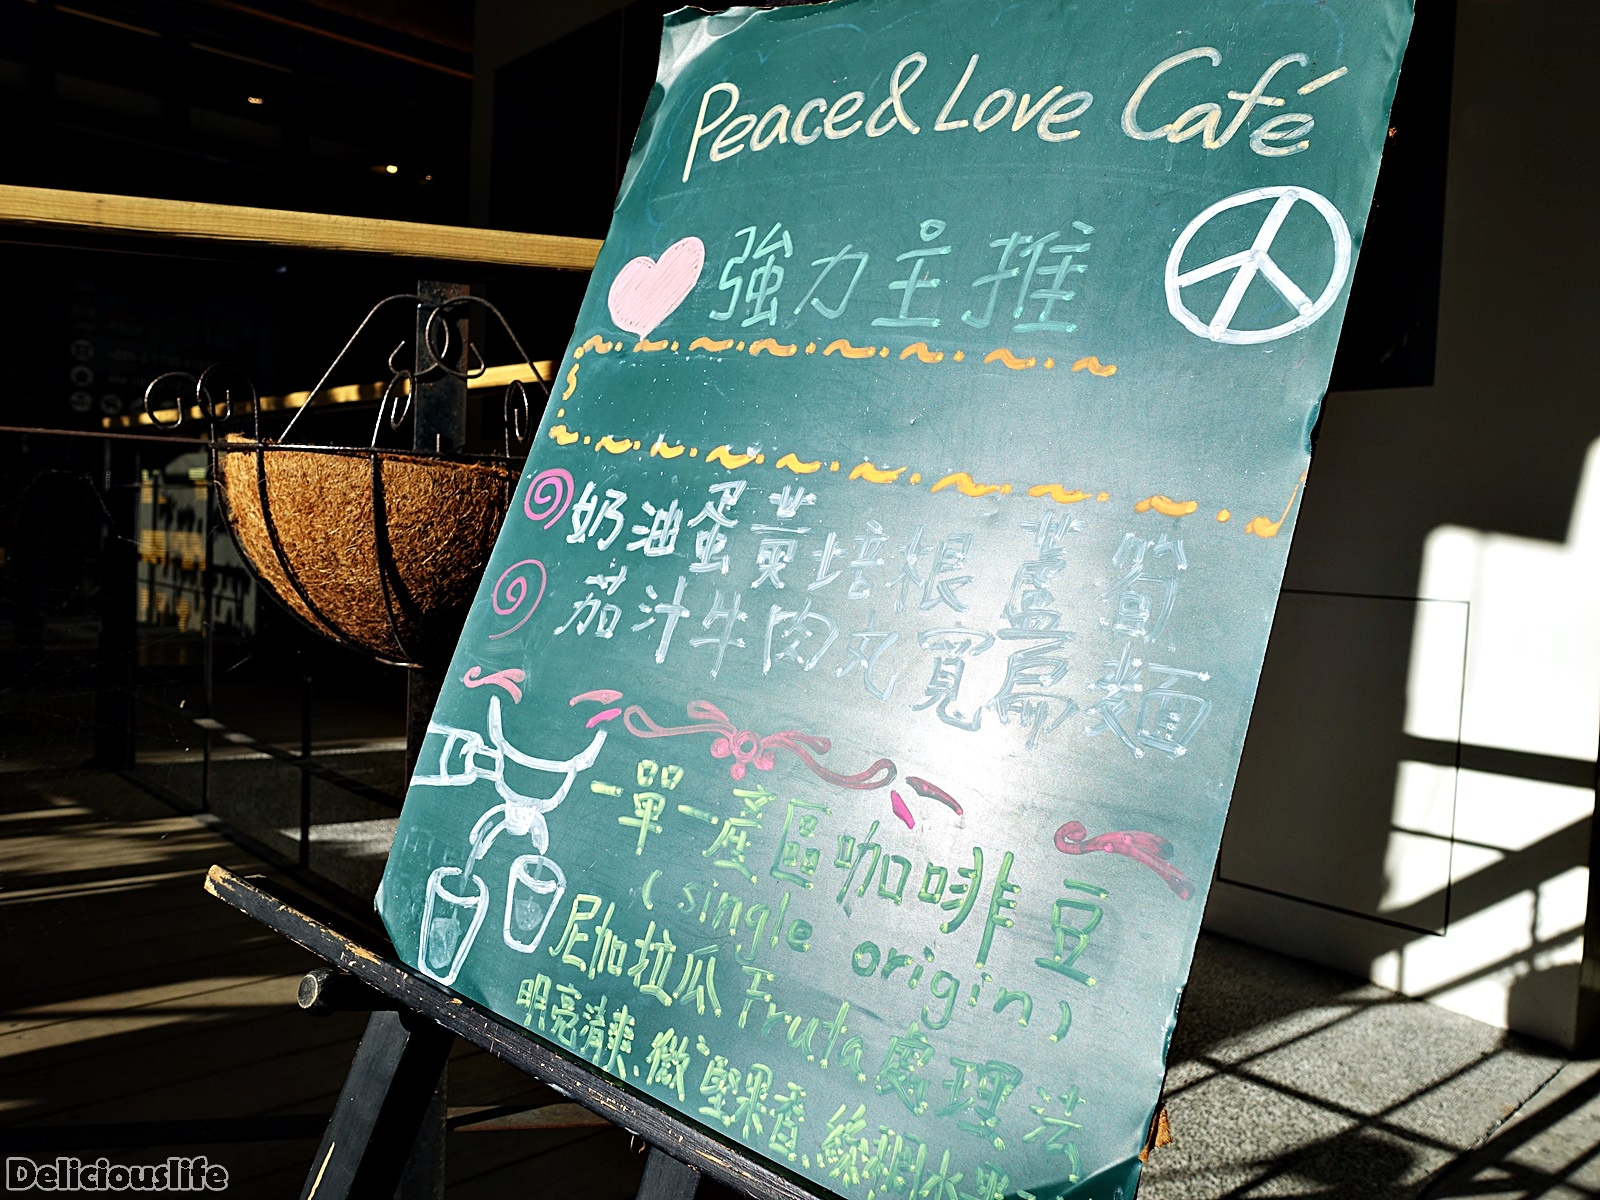 peace&love cafe-2